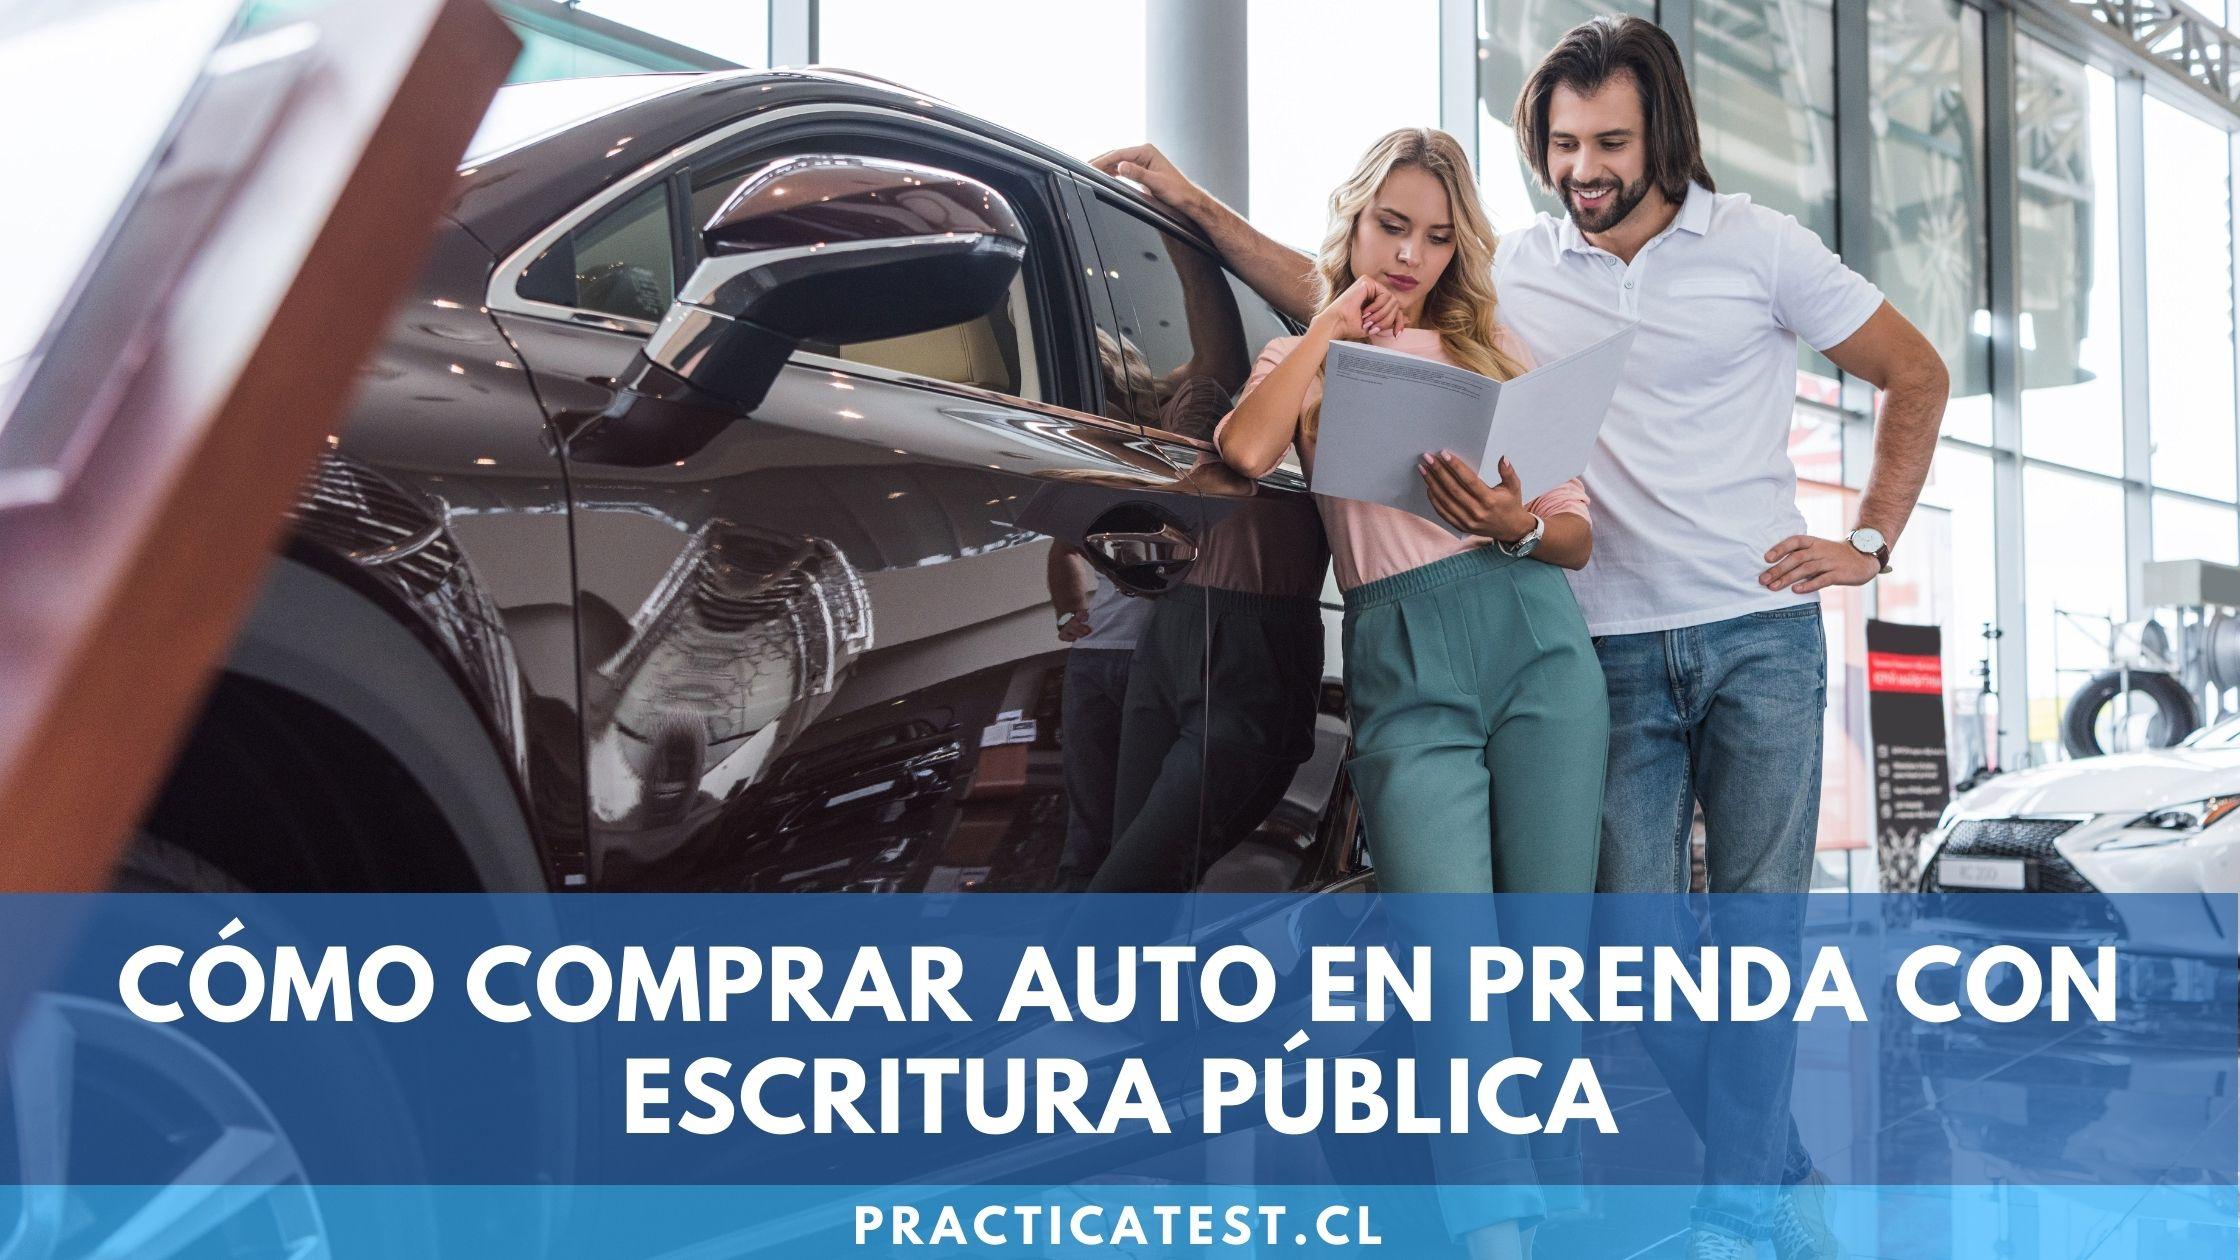 Compraventa de vehículo en Chile con prenda e inscribirlo legalmente en escritura